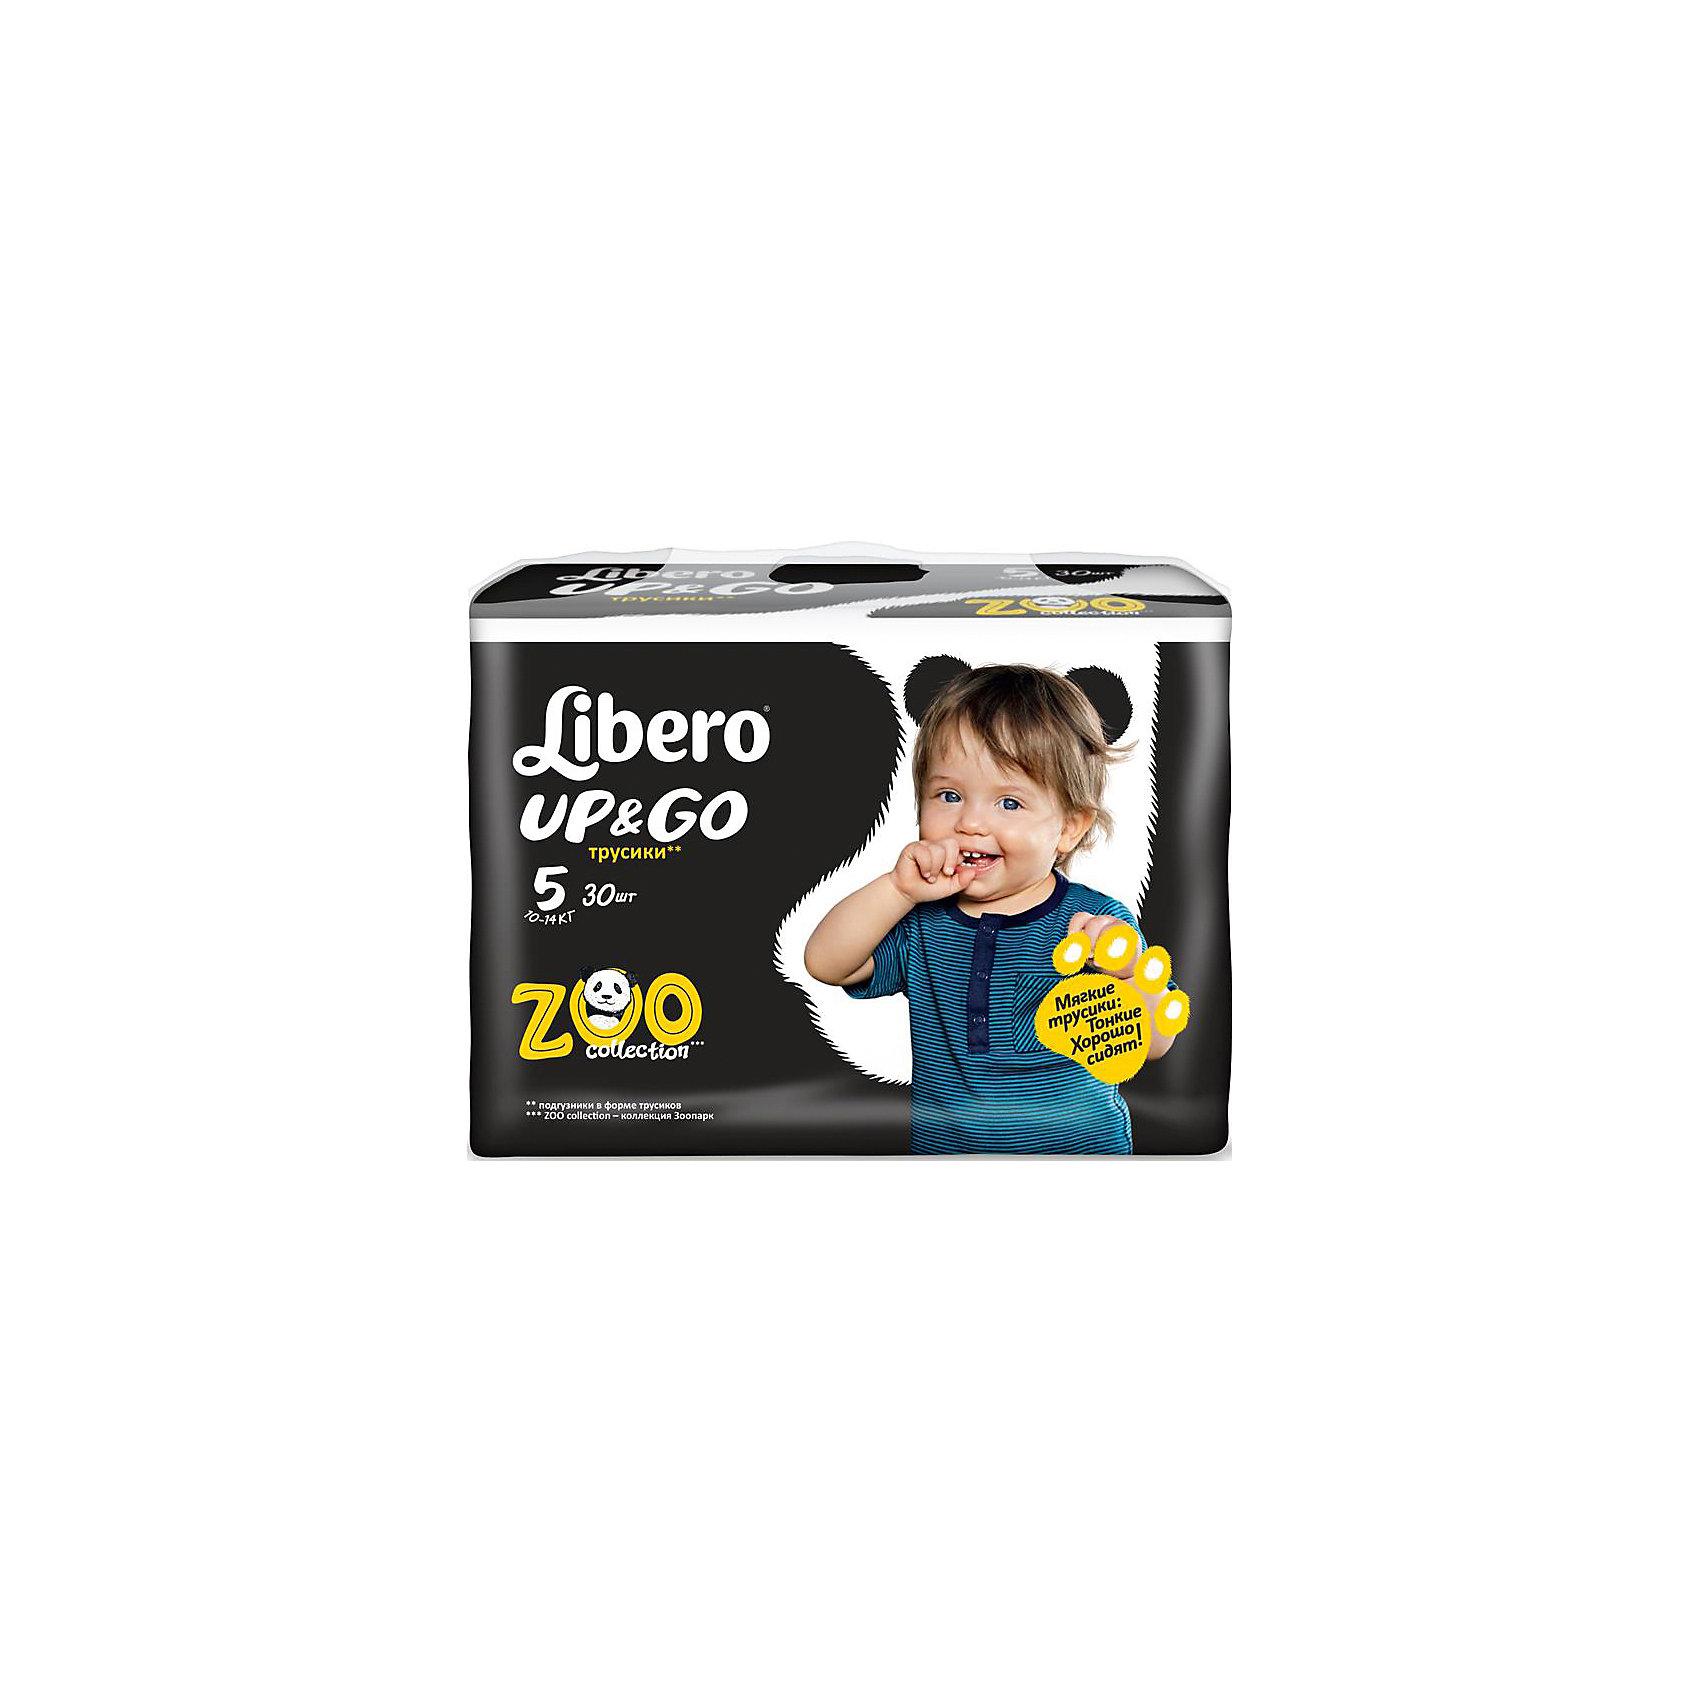 Трусики Up&amp;Go, Maxi Plus 10-14 кг (5), 30 шт., LiberoТрусики-подгузники Libero Up&amp;Go (Либеро ап энд гоу) Zoo Collection Size 5 (10-14кг), 30 шт.<br><br>Характеристики: <br><br>• легко надевать<br>• мягкие и тонкие трусики<br>• отлично впитывают и удерживают влагу<br>• тянущийся поясок из дышащих материалов<br>• барьеры вокруг ножек защищают от протекания<br>• не сковывают движений<br>• легко снимать и сворачивать<br>• привлекательный дизайн с животными<br>• размер: 5 (10-14 кг)<br>• количество в упаковке: 30 шт.<br><br>Трусики-подгузники Libero Up&amp;Go из коллекции Зоопарк идеально подойдут для самых активных малышей. Вы с легкостью сможете надеть трусики-подгузники, даже если ваш непоседа не любит спокойно сидеть. Несмотря на небольшую толщину, трусики отлично впитывают и удерживают влагу, не сковывая движений крохи. Барьеры вокруг ножек и эластичный пояс предотвратят возможные протекания. После использования вы легко снимите подгузник, разорвав боковые швы. Клеящая лента поможет закрепить использованный подгузник после сворачивания. Трусики имеют приятный дизайн, который понравится и ребенку, и родителям: 6 различных зверюшек, которых можно встретить в любом зоопарке. Предложите малышу изучить животных и выбрать, кого из них он хочет надеть. С этими трусиками-подгузниками процесс переодевания превратится в настоящую игру!<br><br>Трусики-подгузники Libero Up&amp;Go (Либеро ап энд гоу) Zoo Collection Size 5 (10-14кг), 30 шт. вы можете приобрести в нашем интернет-магазине.<br><br>Ширина мм: 147<br>Глубина мм: 390<br>Высота мм: 204<br>Вес г: 1185<br>Возраст от месяцев: 6<br>Возраст до месяцев: 36<br>Пол: Унисекс<br>Возраст: Детский<br>SKU: 3517647